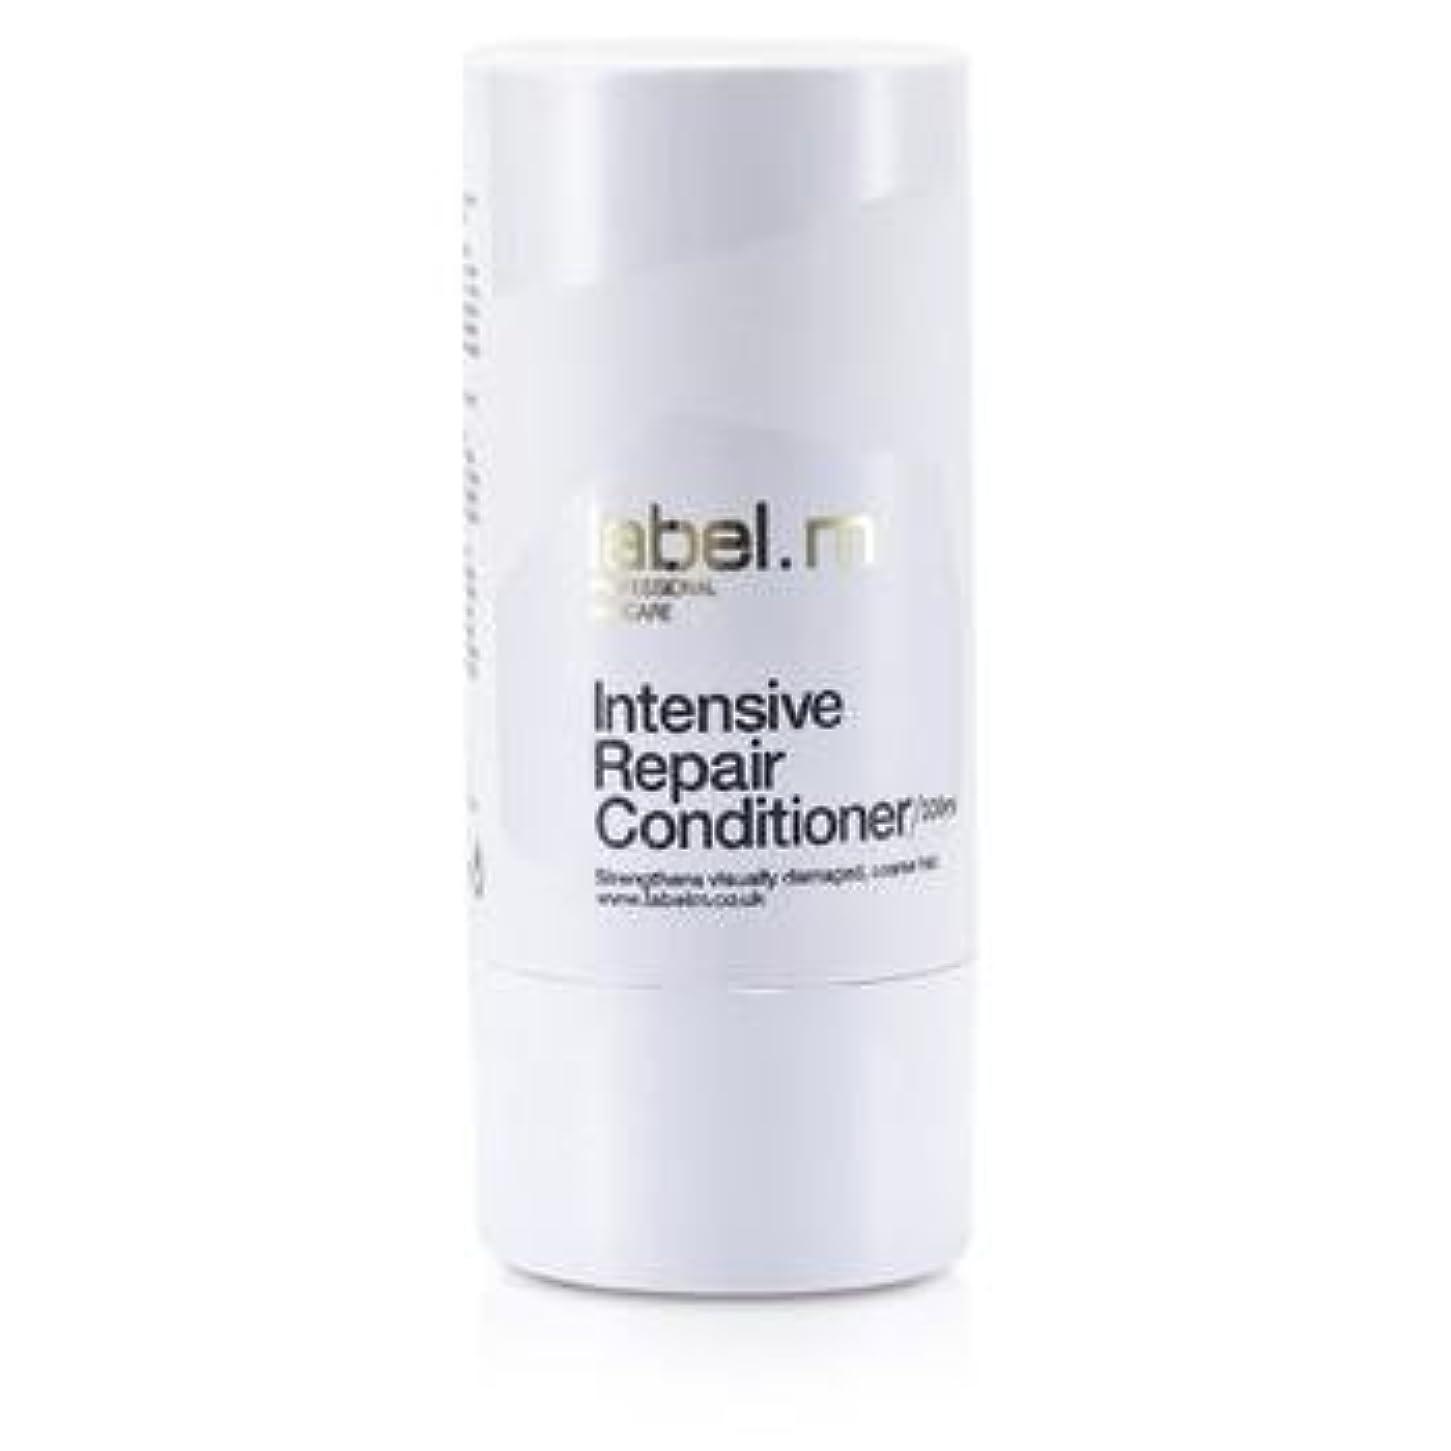 勝者クアッガ低いLabel MIntensive Repair Conditioner (For Visually Damaged, Coarse Hair) 300ml/10.1oz【海外直送品】